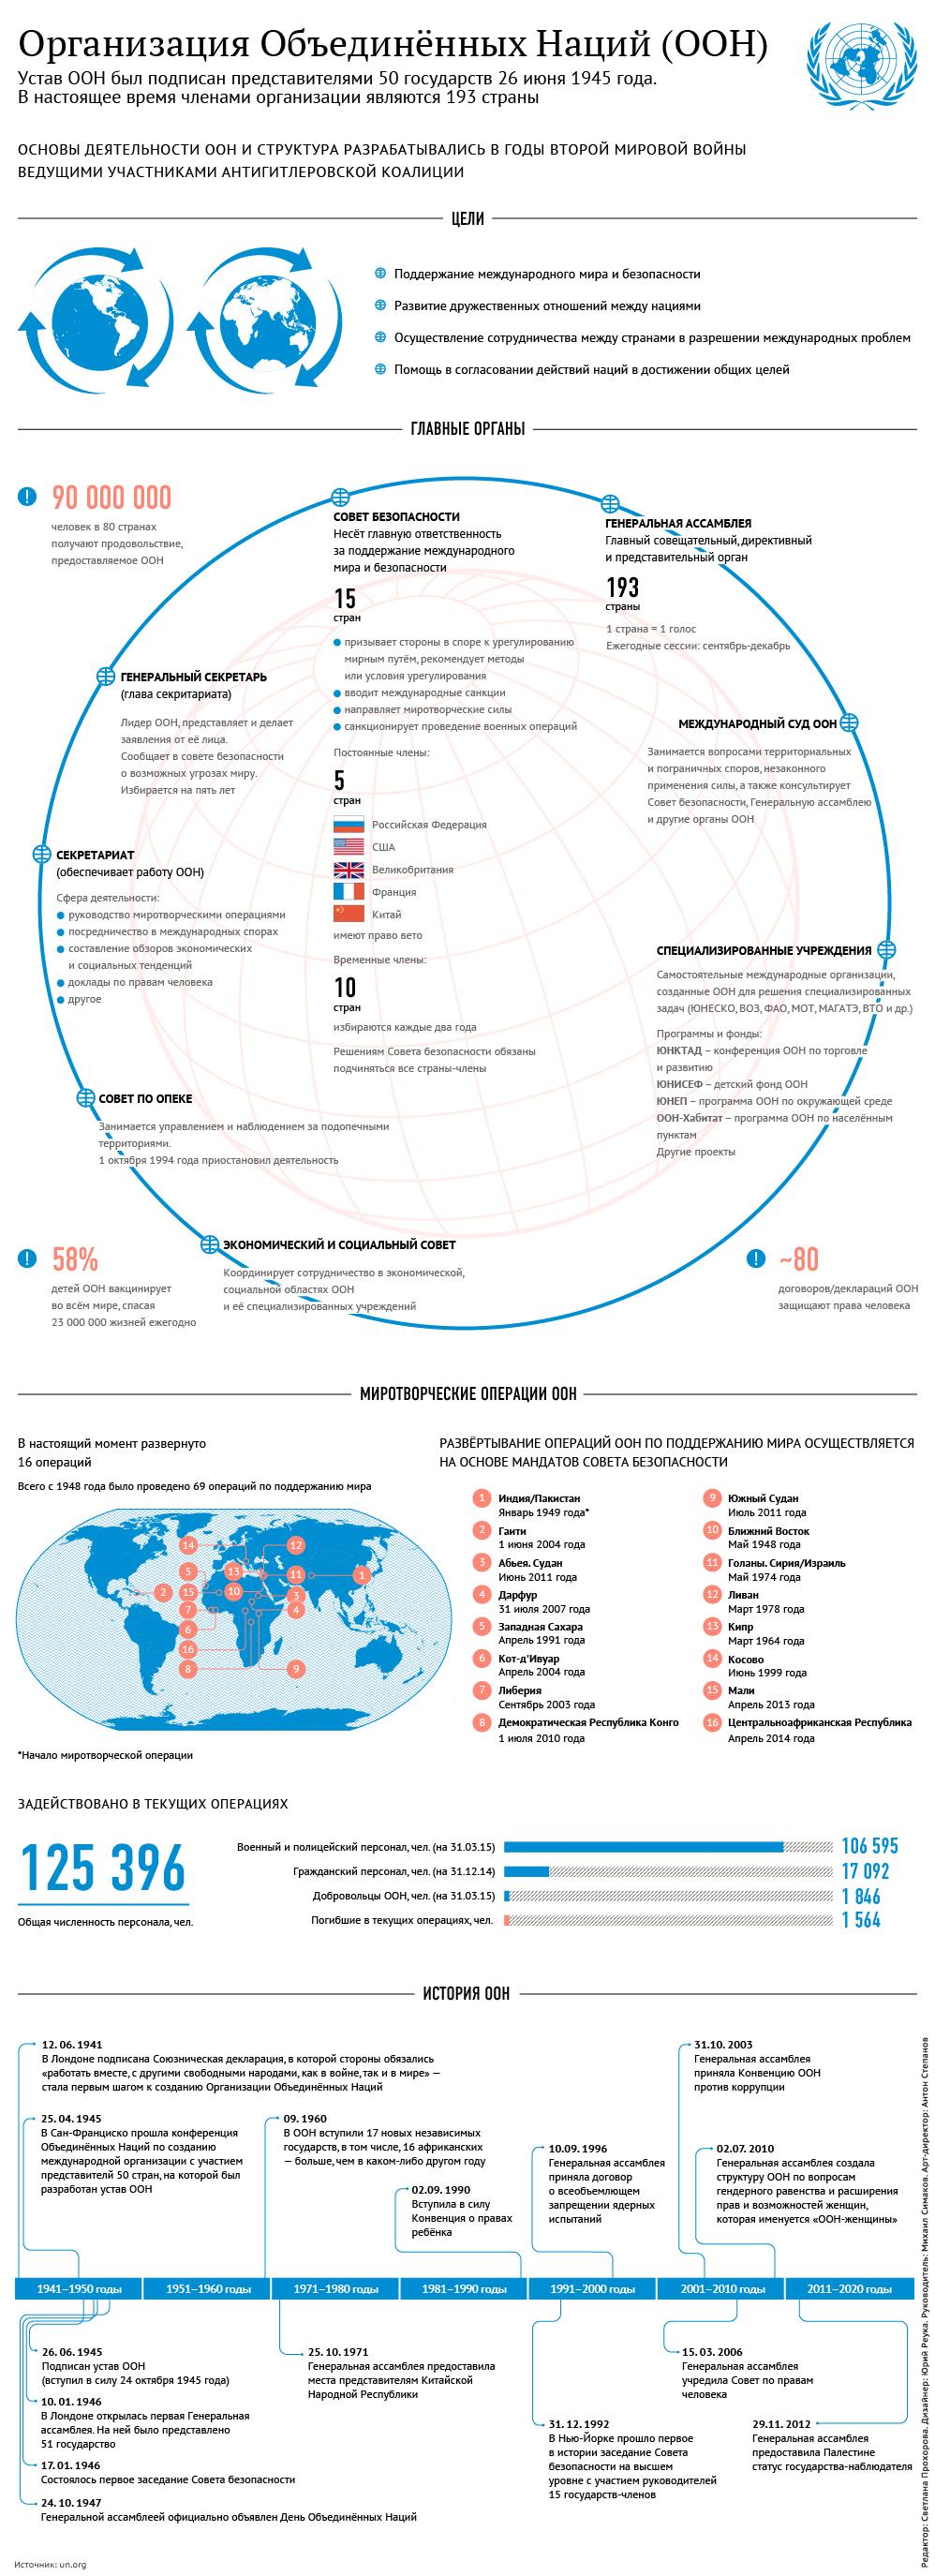 Марк Уэлш: Россия и Китай через 10 лет будут вооружать все страны мира